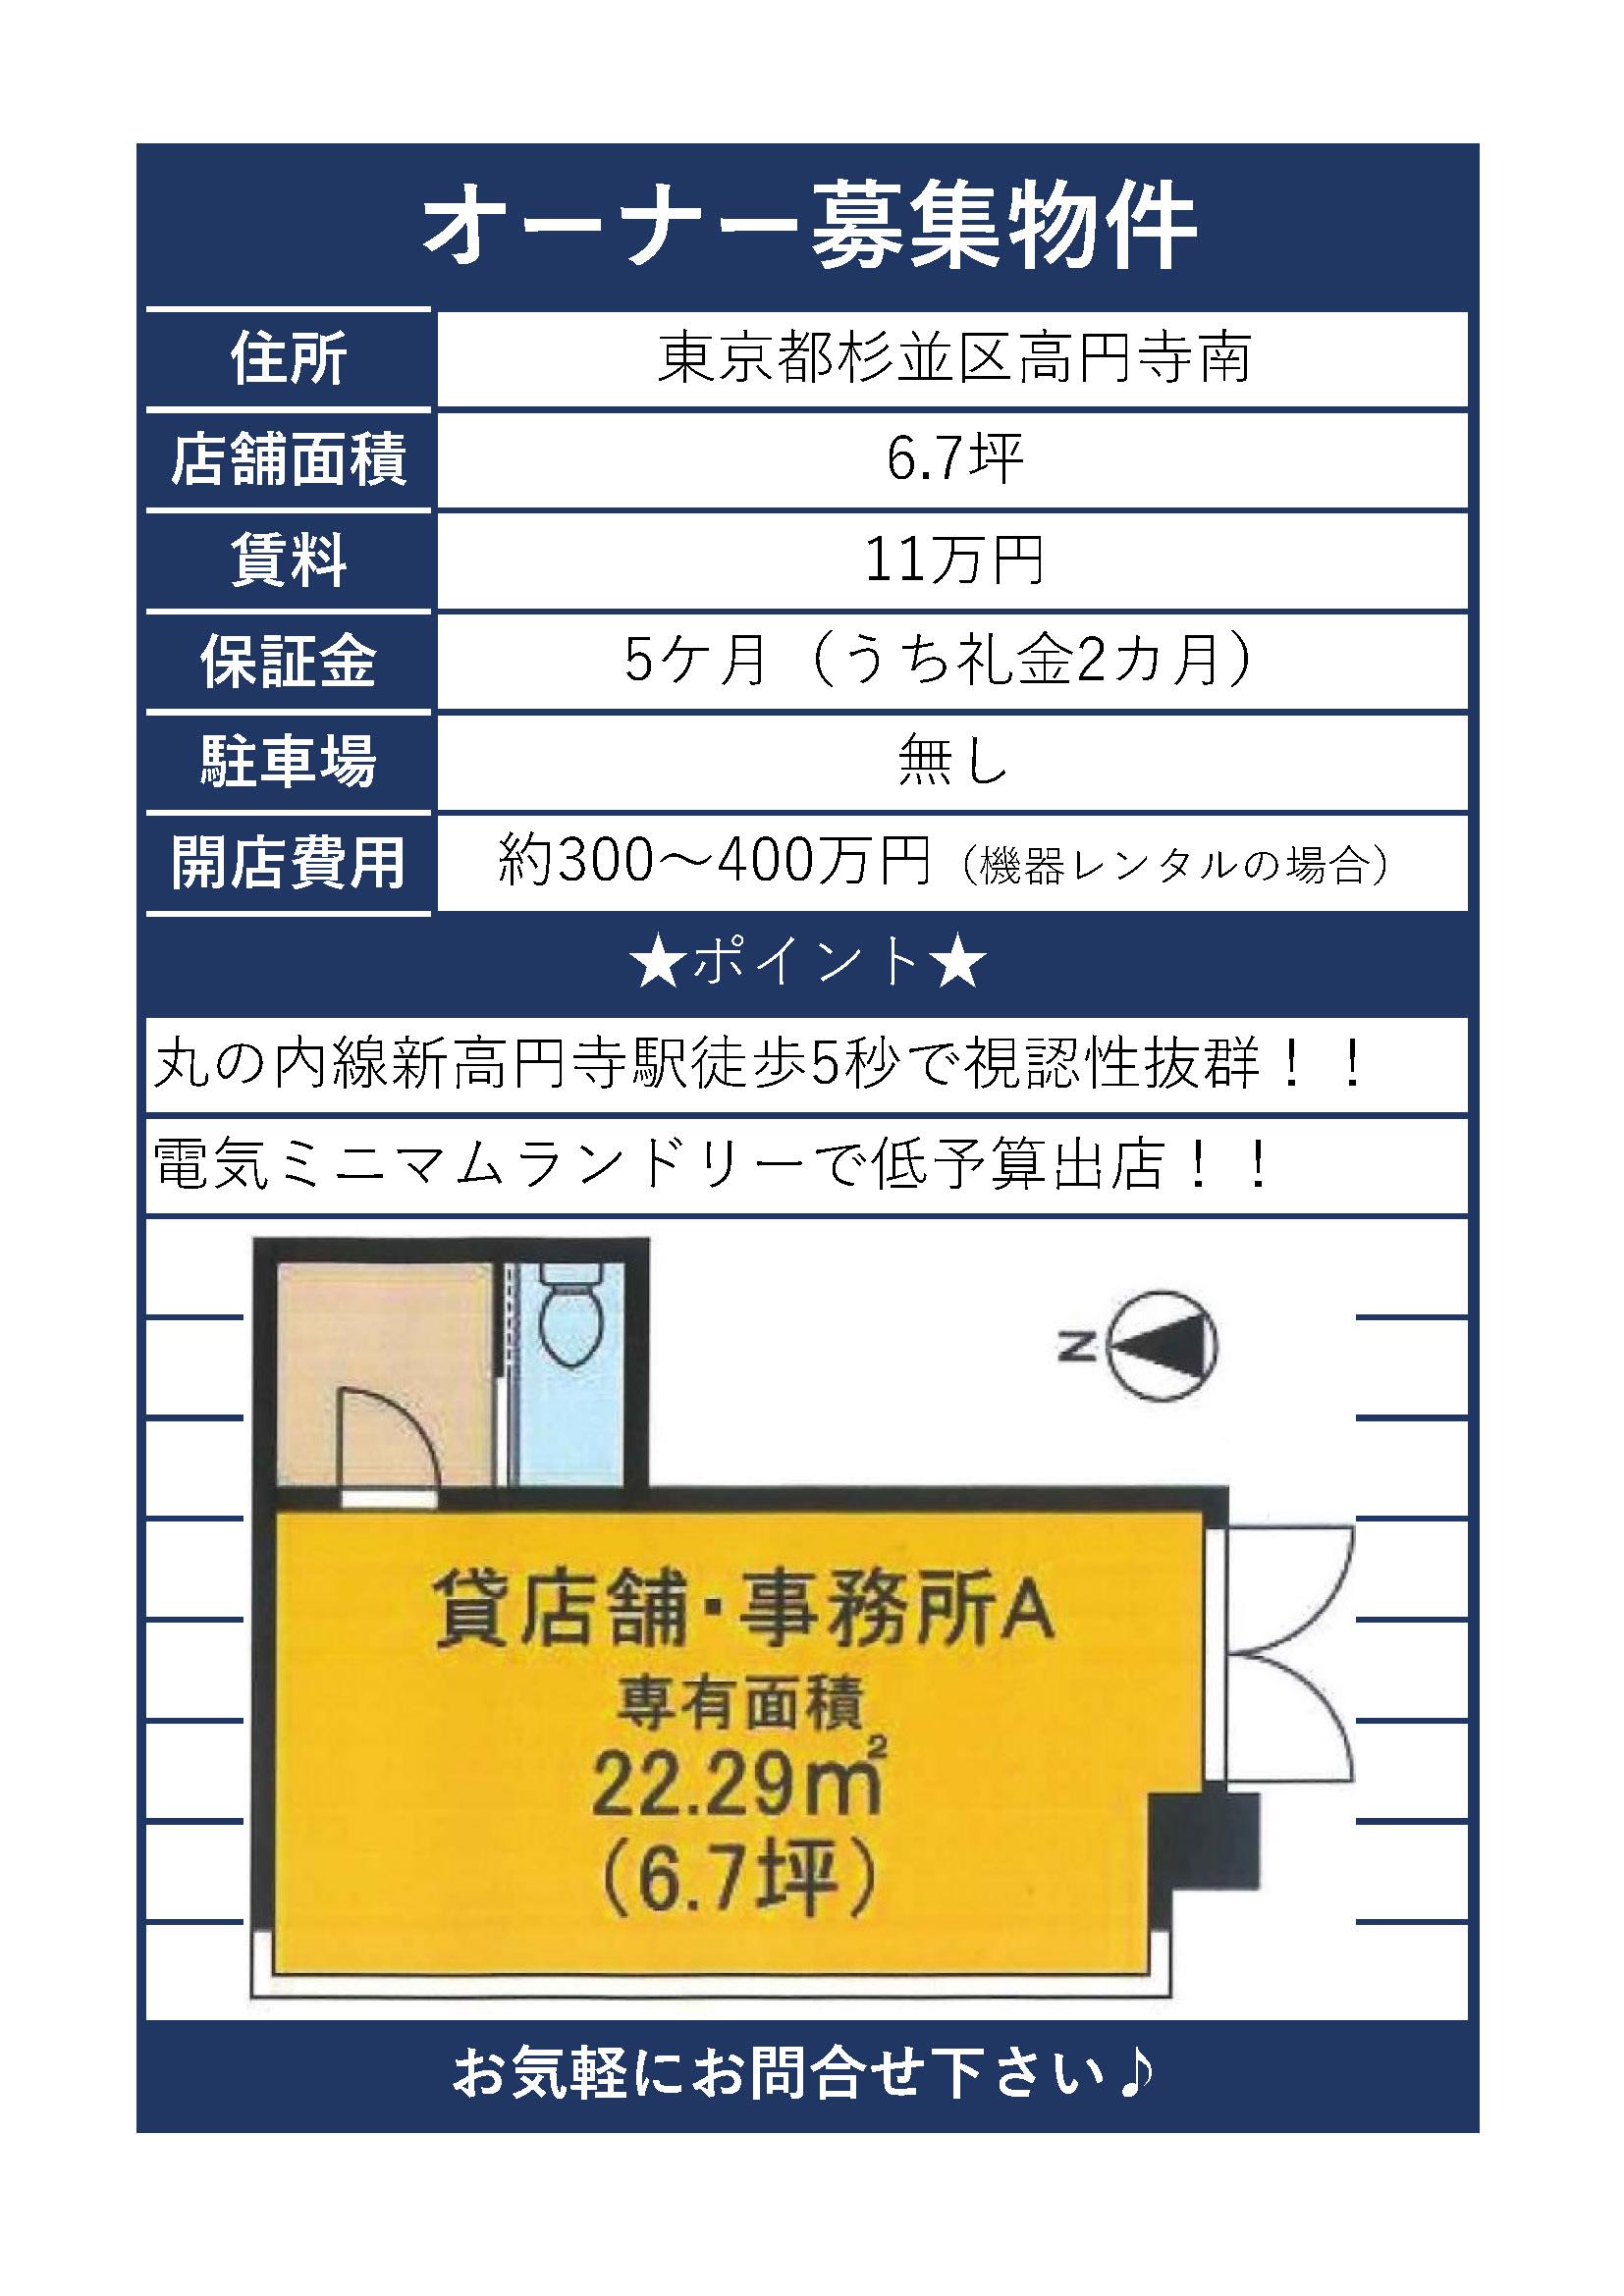 物件紹介★新高円寺駅徒歩5秒